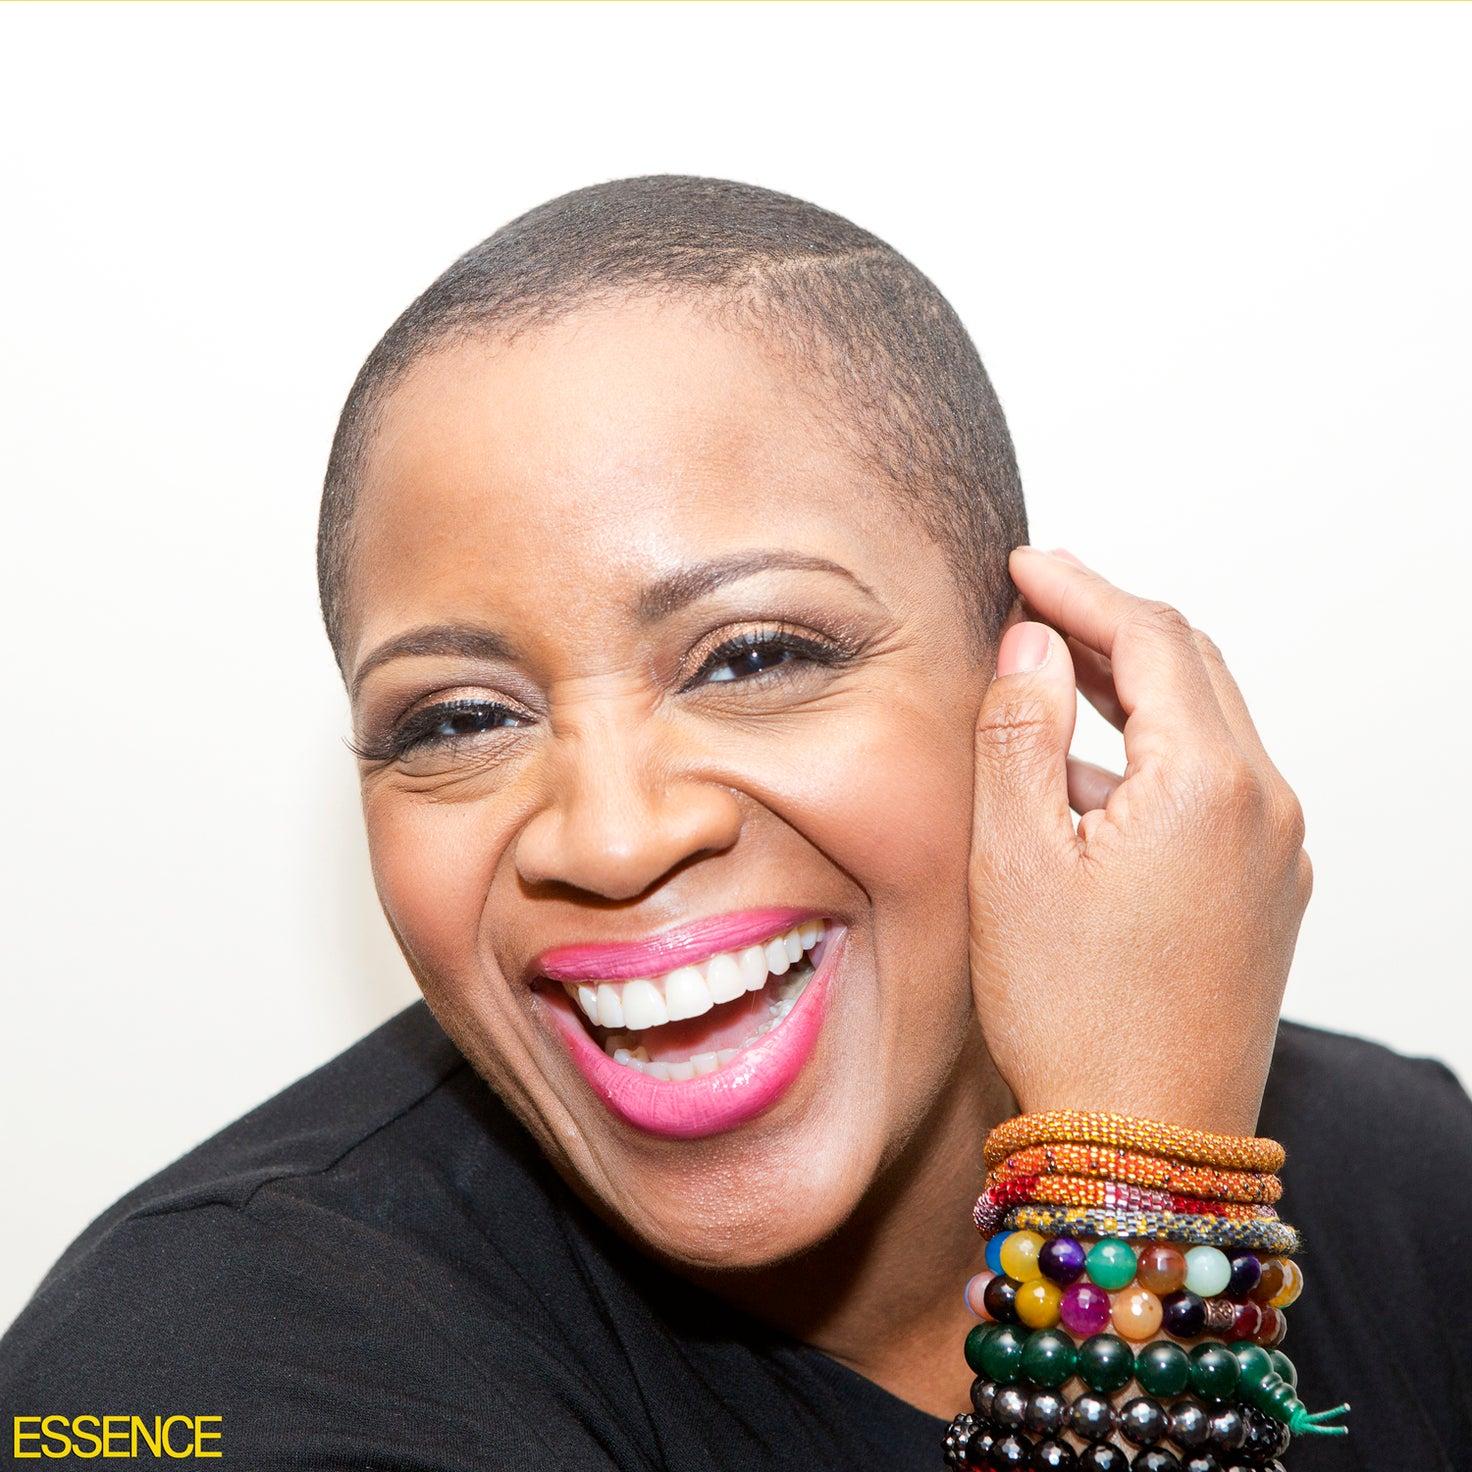 New & Next: Meet Soul Singer Avery*Sunshine